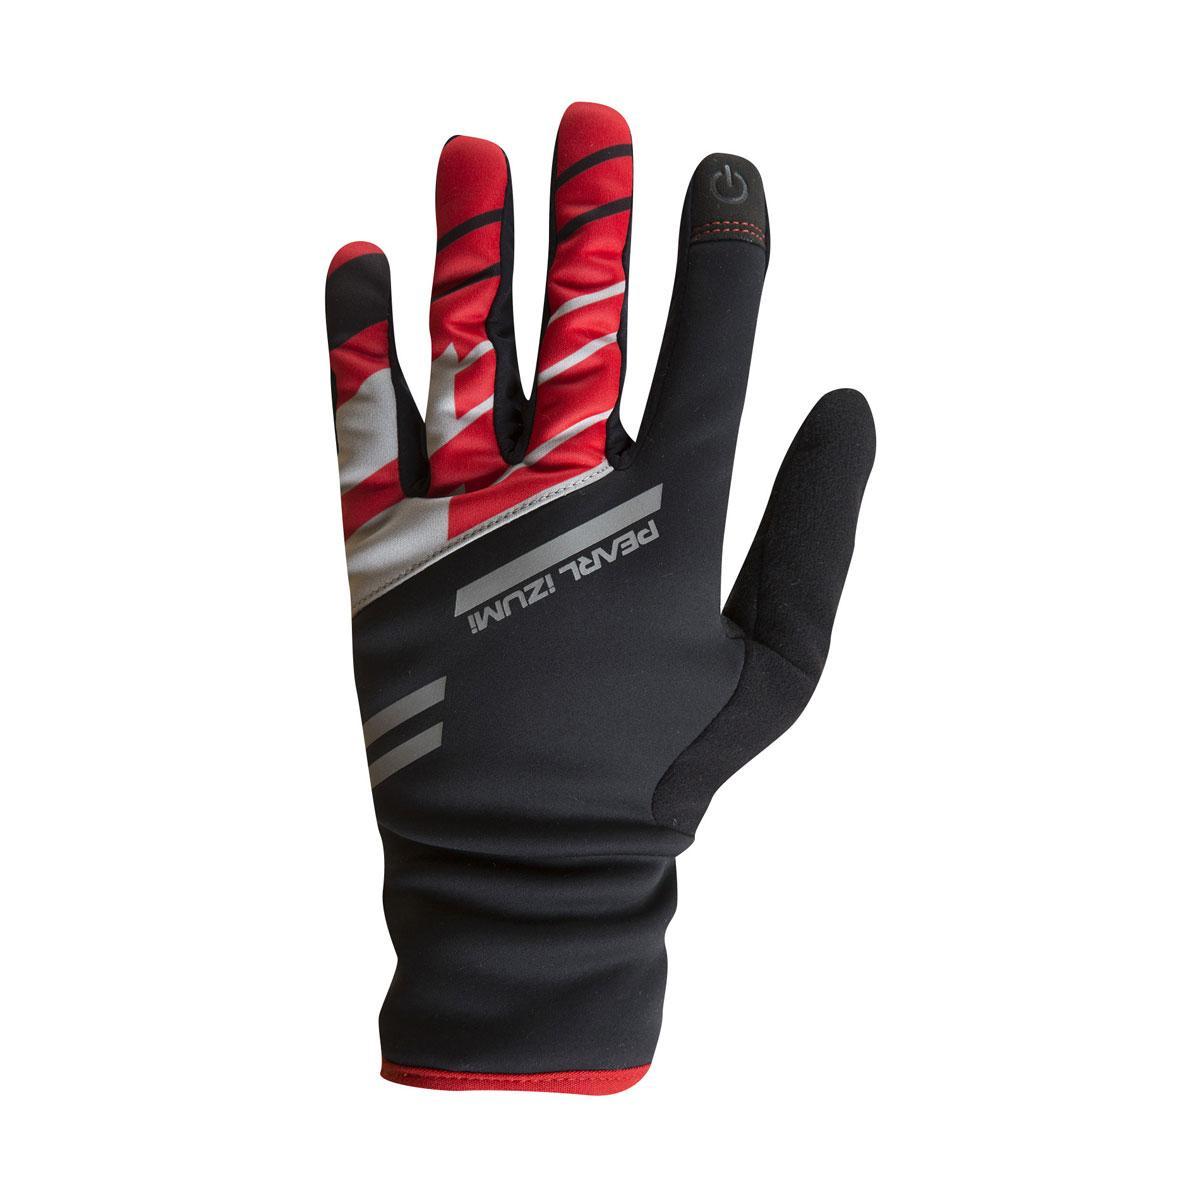 Перчатки Pearl Izumi PRO SOFTSHELL LITE, чорно-червоні, розм. M